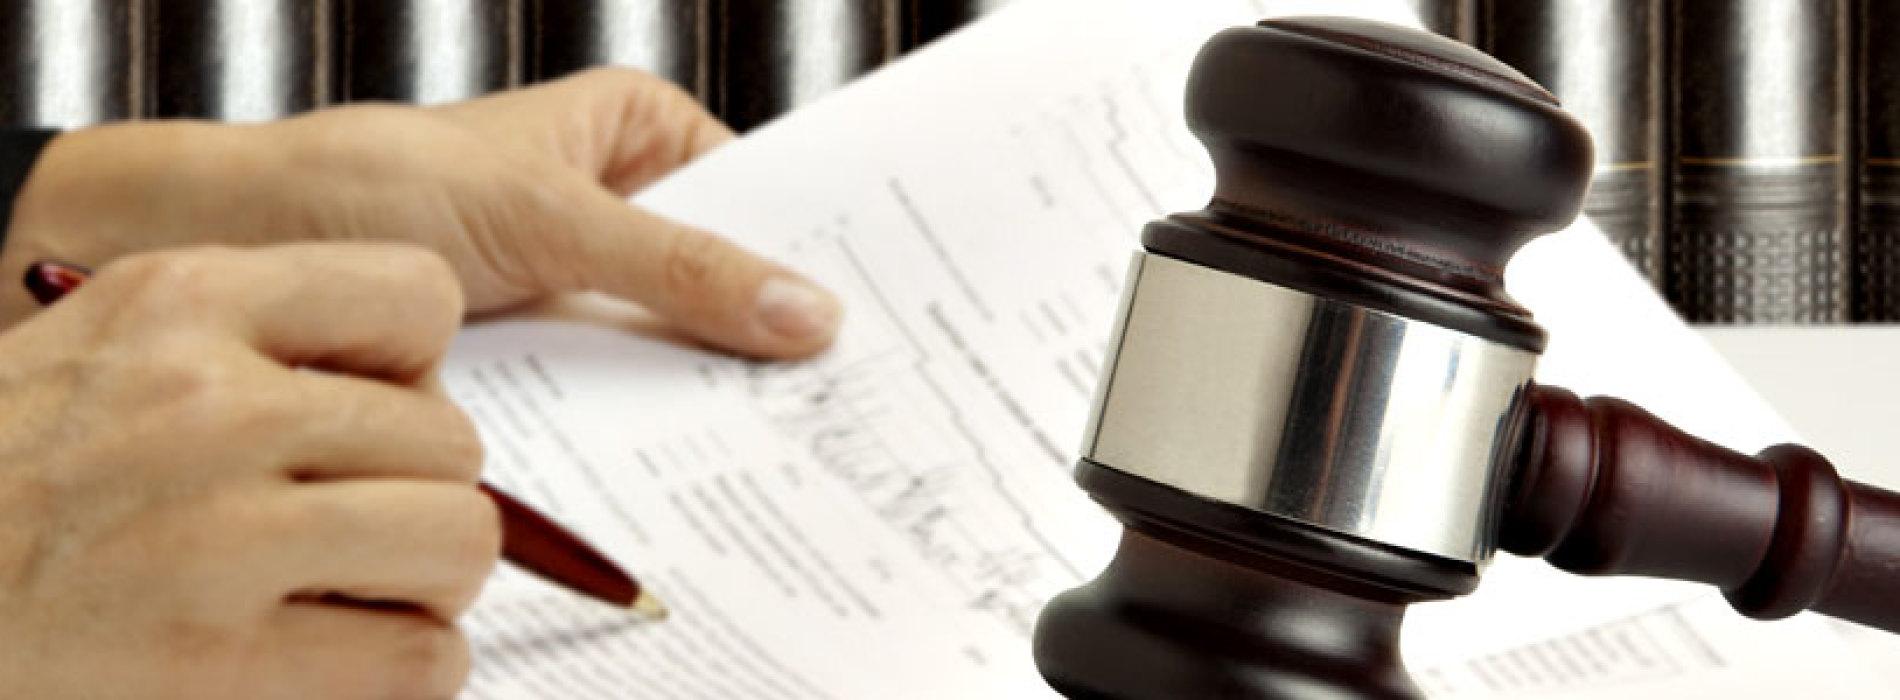 Diritto dell'Arbitrato. A Caserta la presentazione del master